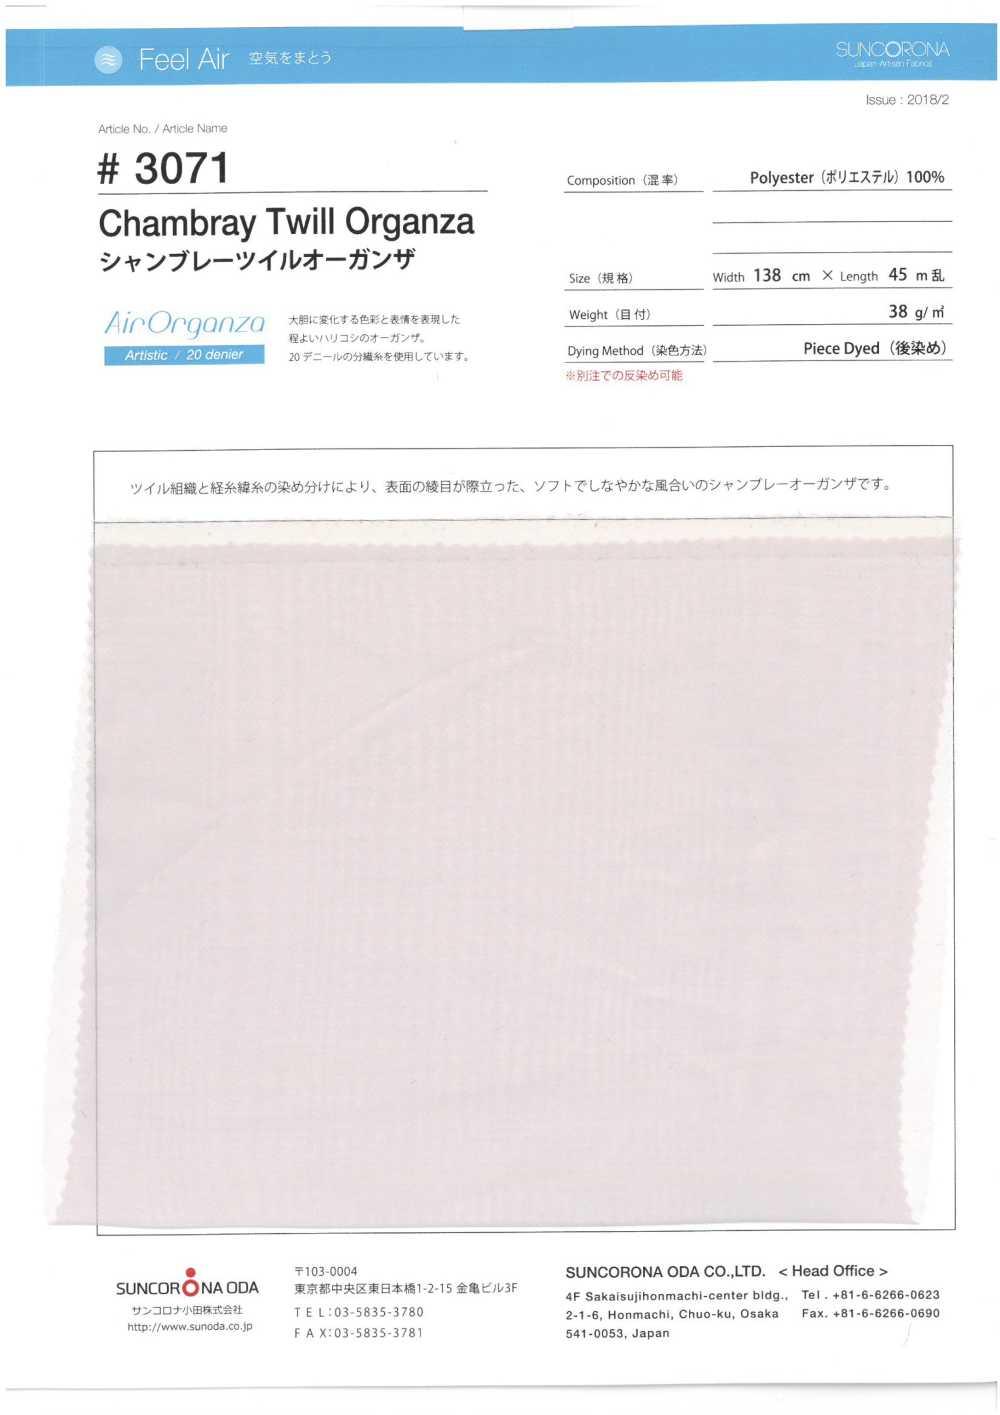 3071 シャンブレーカルゼ[生地] サンコロナ小田/オークラ商事 - ApparelX アパレル資材卸通販